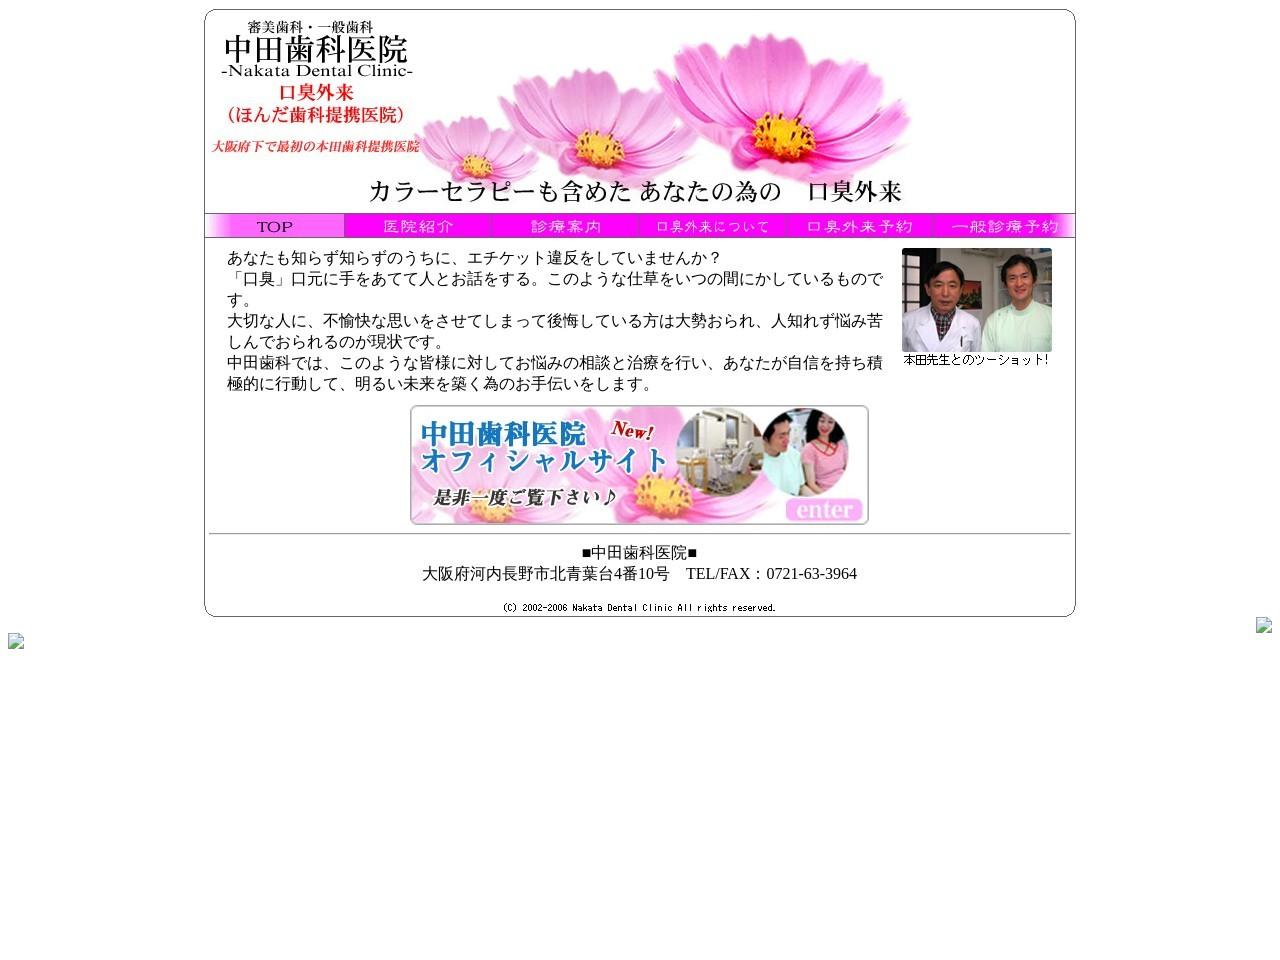 中田歯科医院 (大阪府河内長野市)